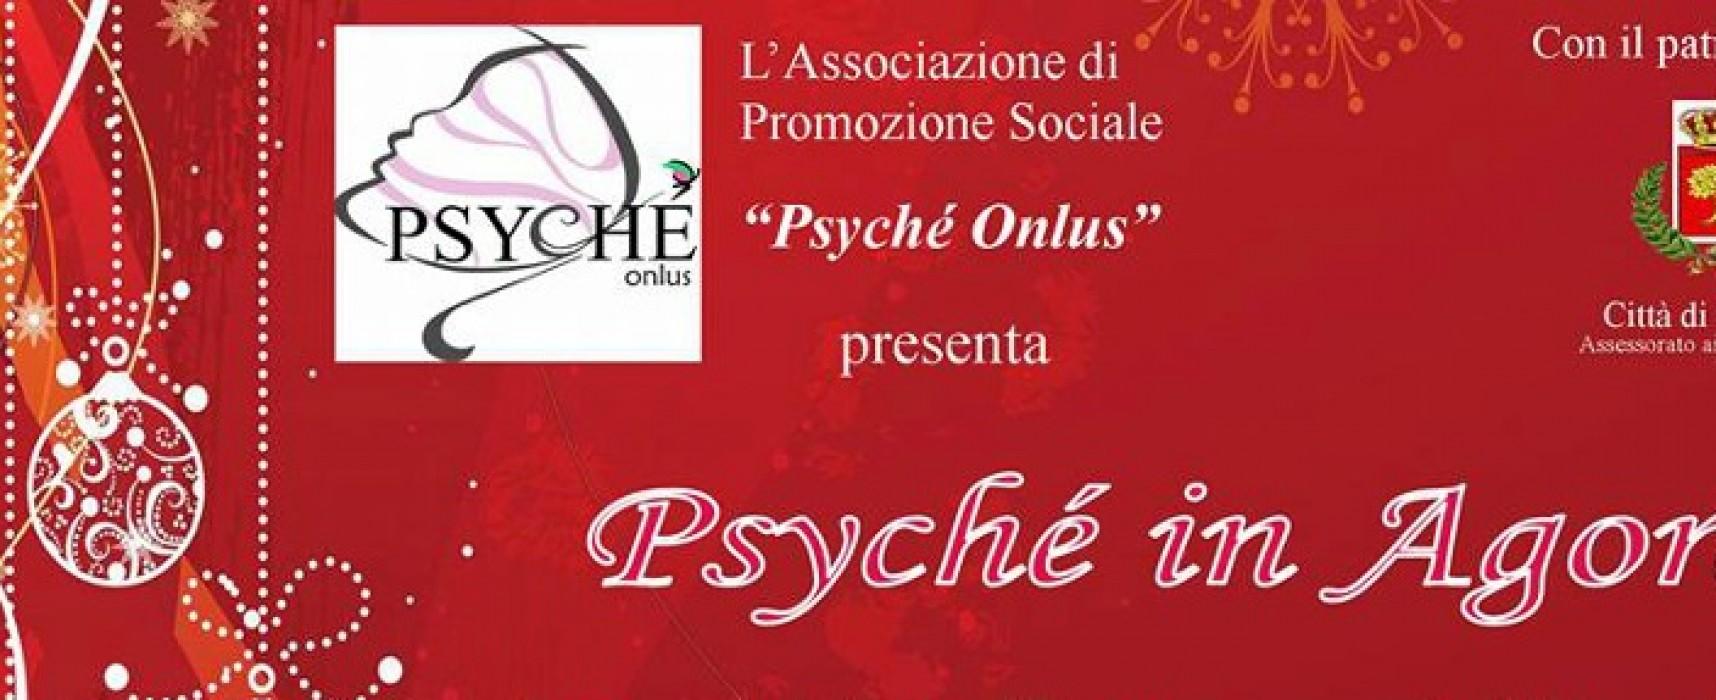 L'Associazione Psyché Onlus in piazza per le festività natalizie